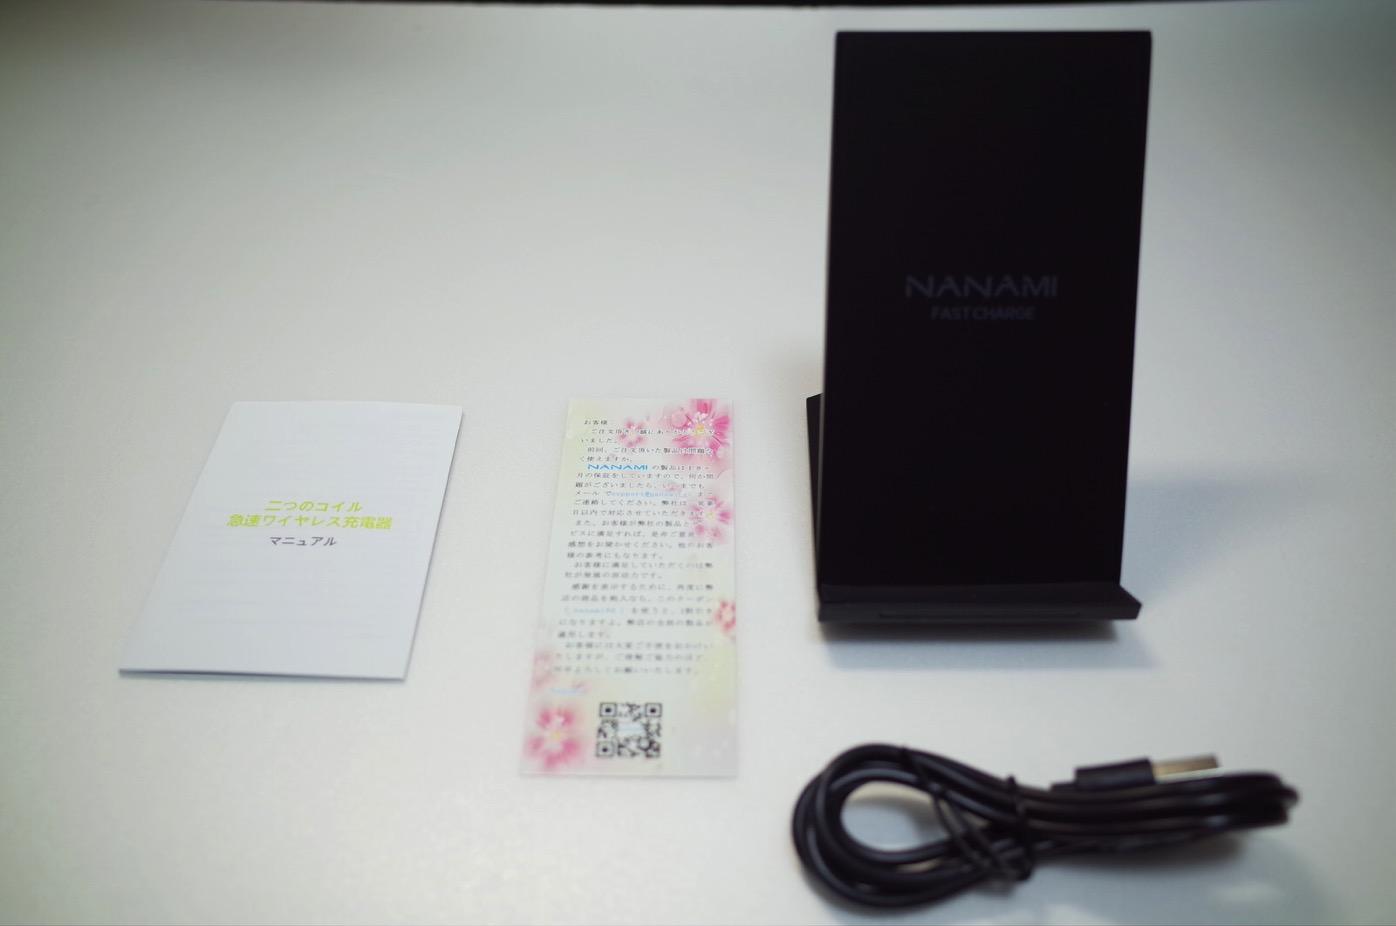 Qi 急速 ワイヤレス充電器 NANAMI Quick Charge 2.0 二つのコイル ワイヤレスチャージャー2